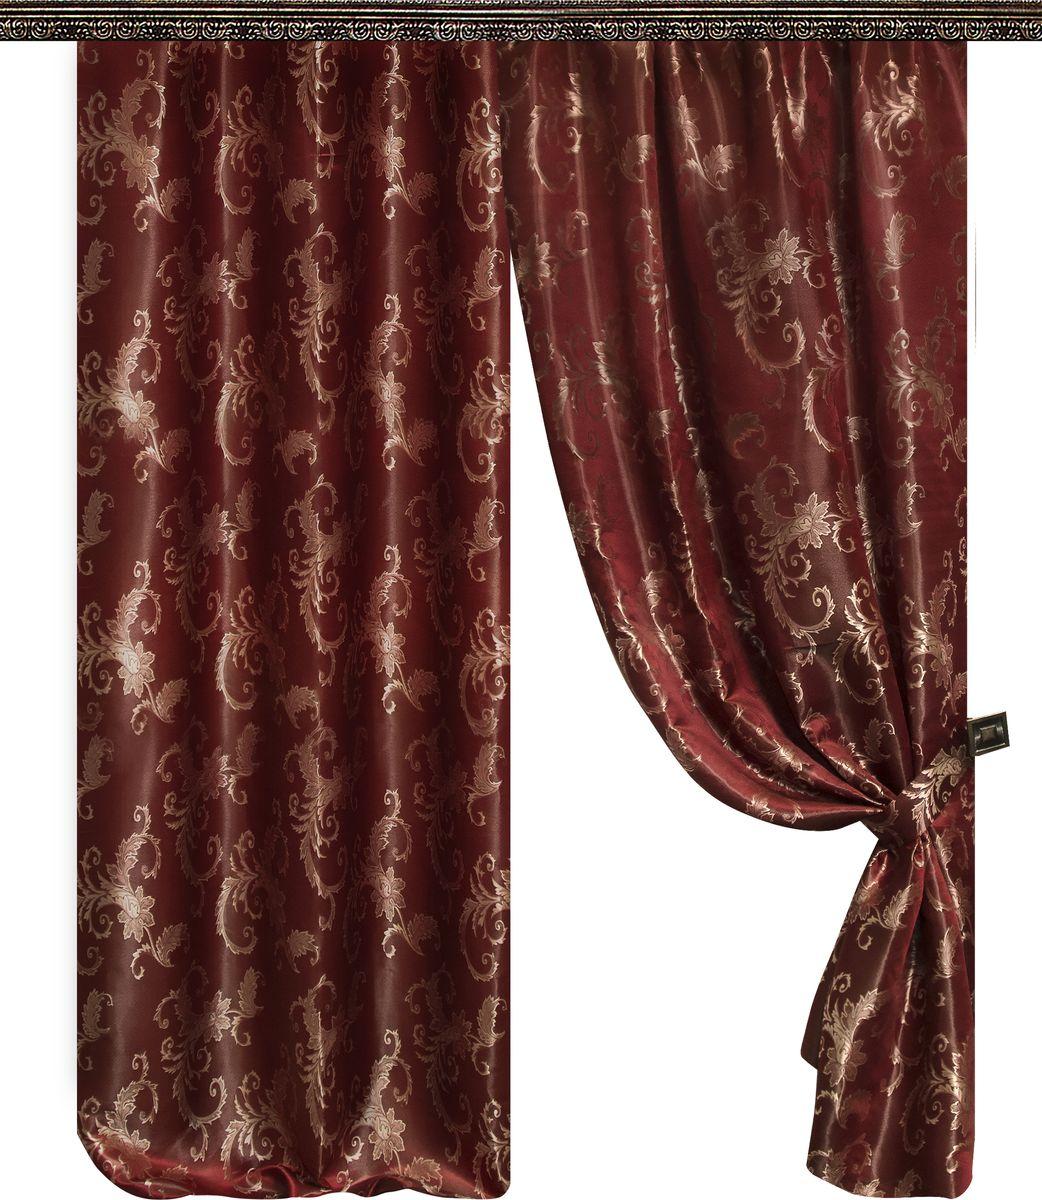 Комплект штор Zlata Korunka, на ленте, цвет: бордовый, высота 260 см. 777020777020Роскошный комплект Zlata Korunka комплект состоит из двух штор, выполненных из 100% полиэстера, которые великолепно украсит любое окно.Плотная ткань, оригинальный орнамент и приятная цветовая гамма привлекут к себе внимание и органично впишутся в интерьер помещения. Комплект крепится на карниз при помощи шторной ленты, которая поможет красиво и равномерно задрапировать верх.Этот комплект будет долгое время радовать вас и вашу семью! В комплект входит: Штора: 2 шт. Размер (ШхВ): 145 см х 260 см.